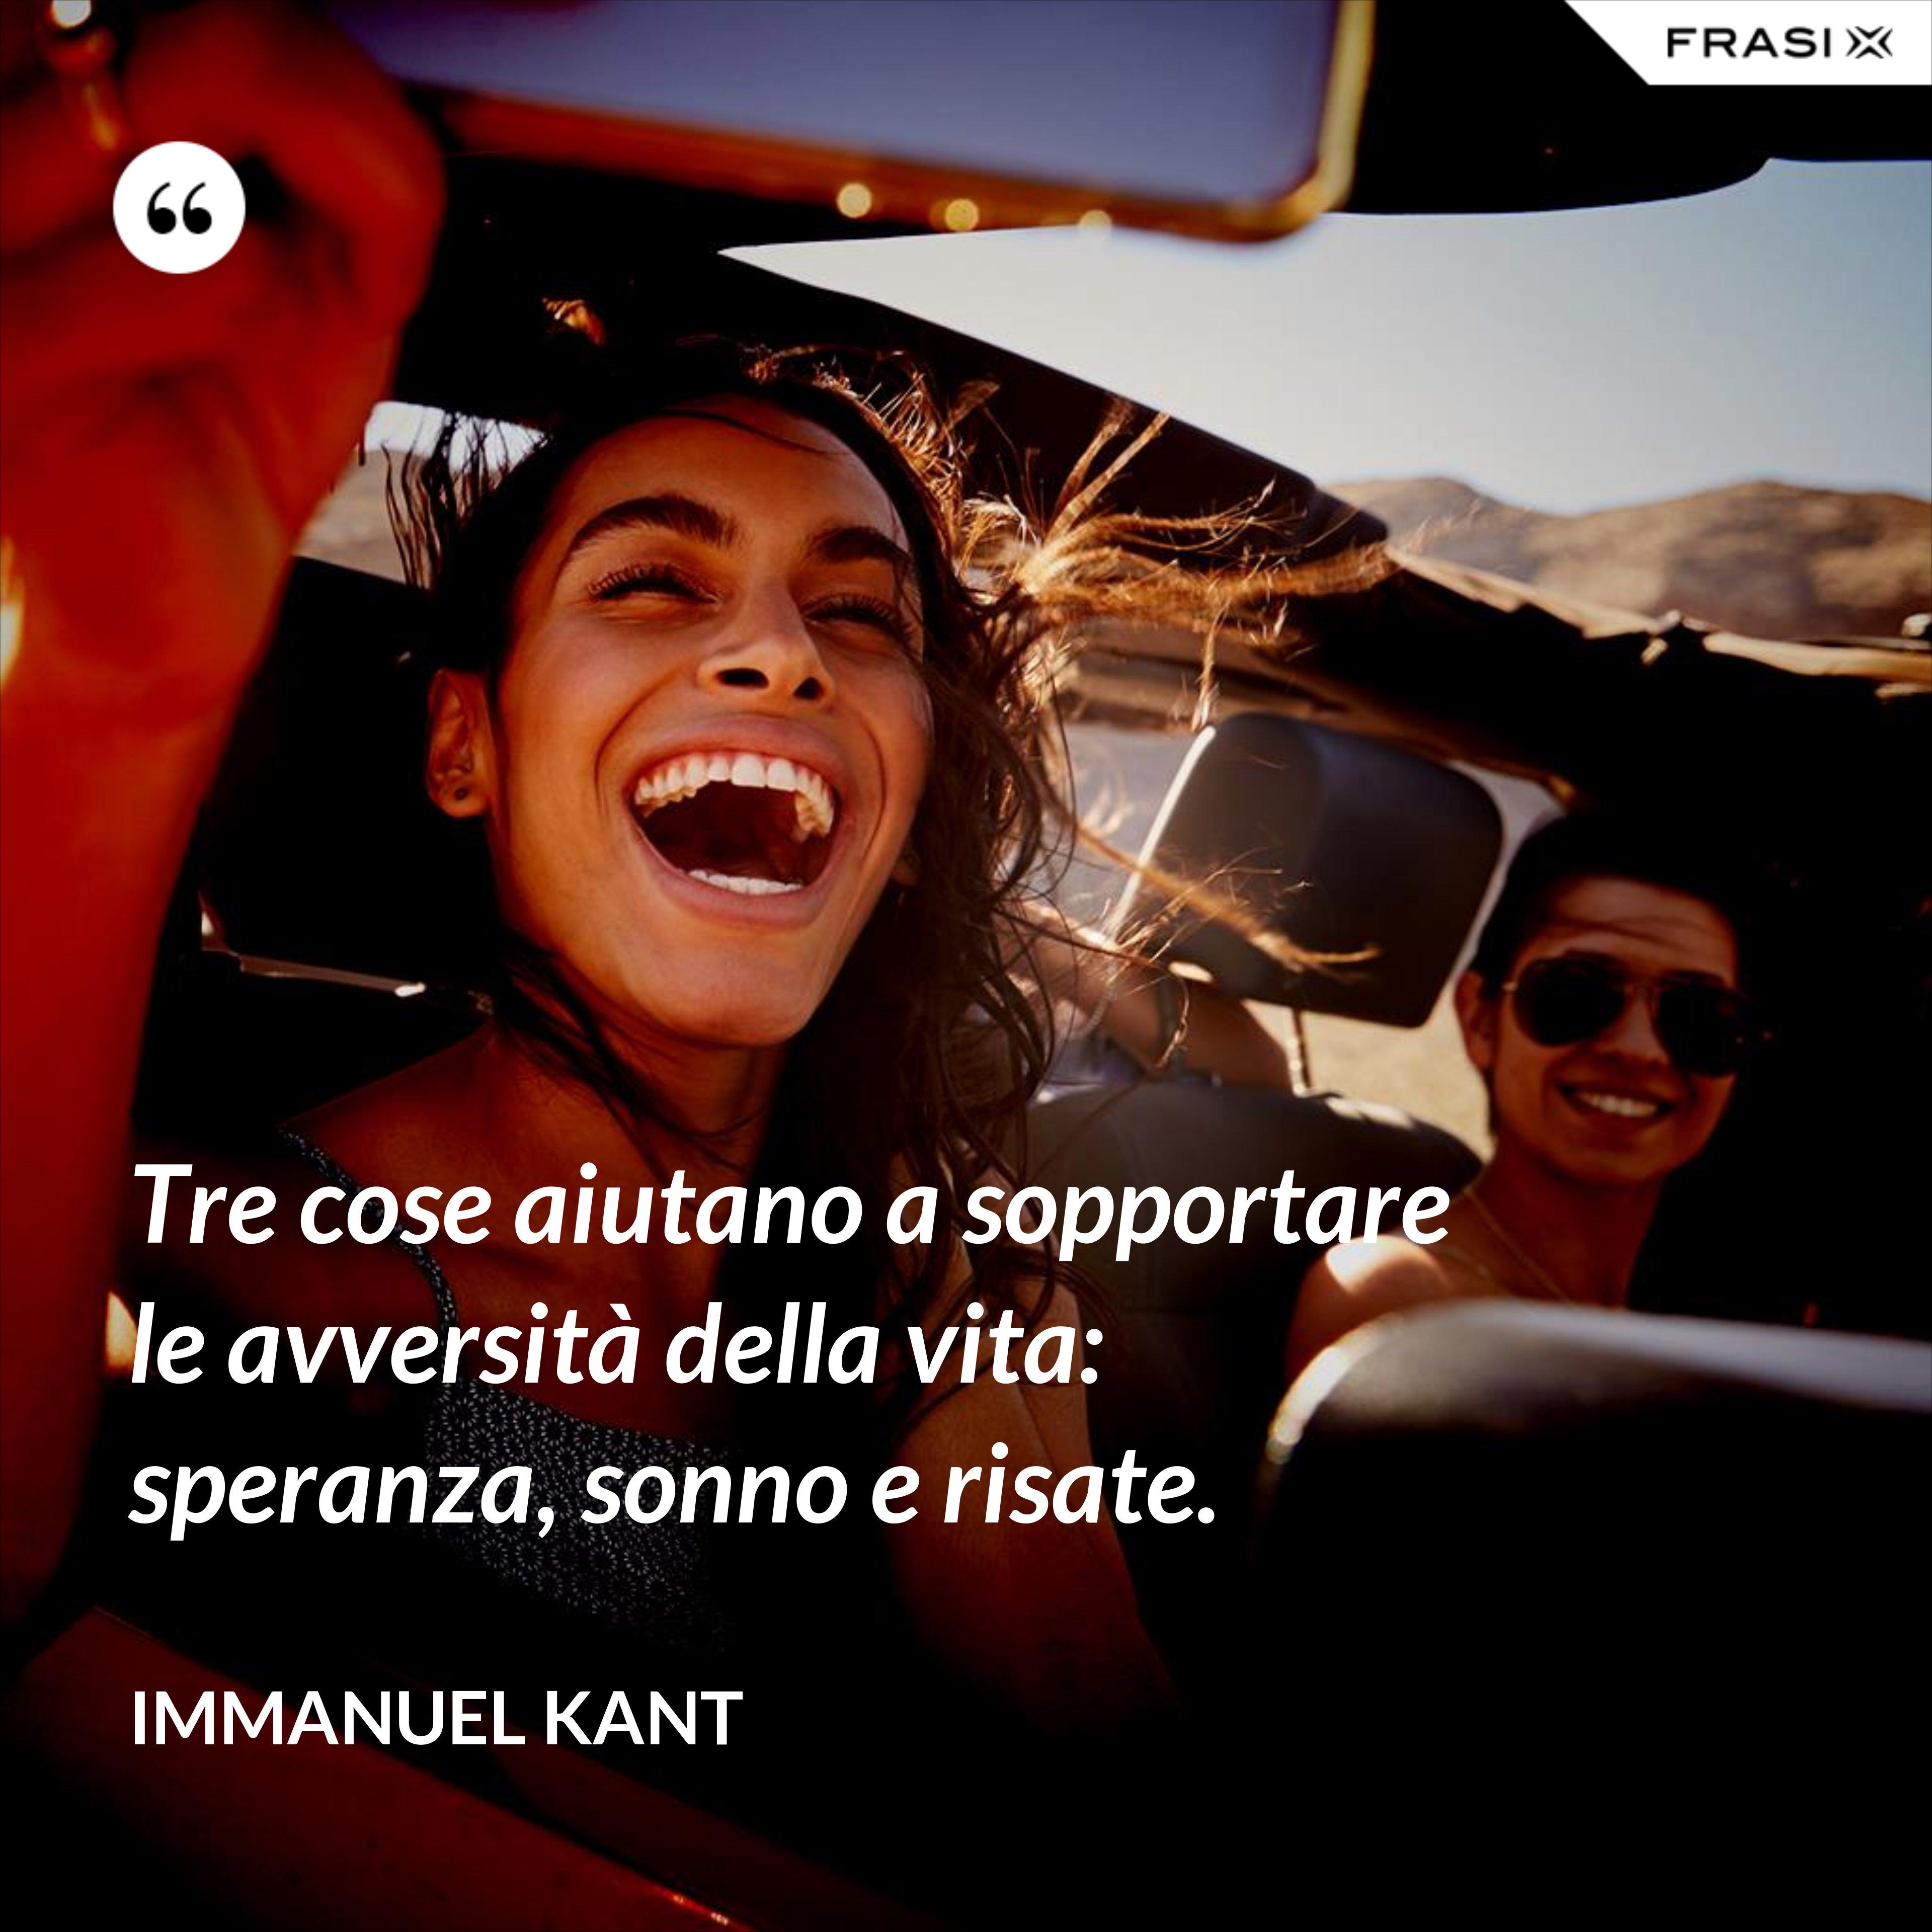 Tre cose aiutano a sopportare le avversità della vita: speranza, sonno e risate. - Immanuel Kant